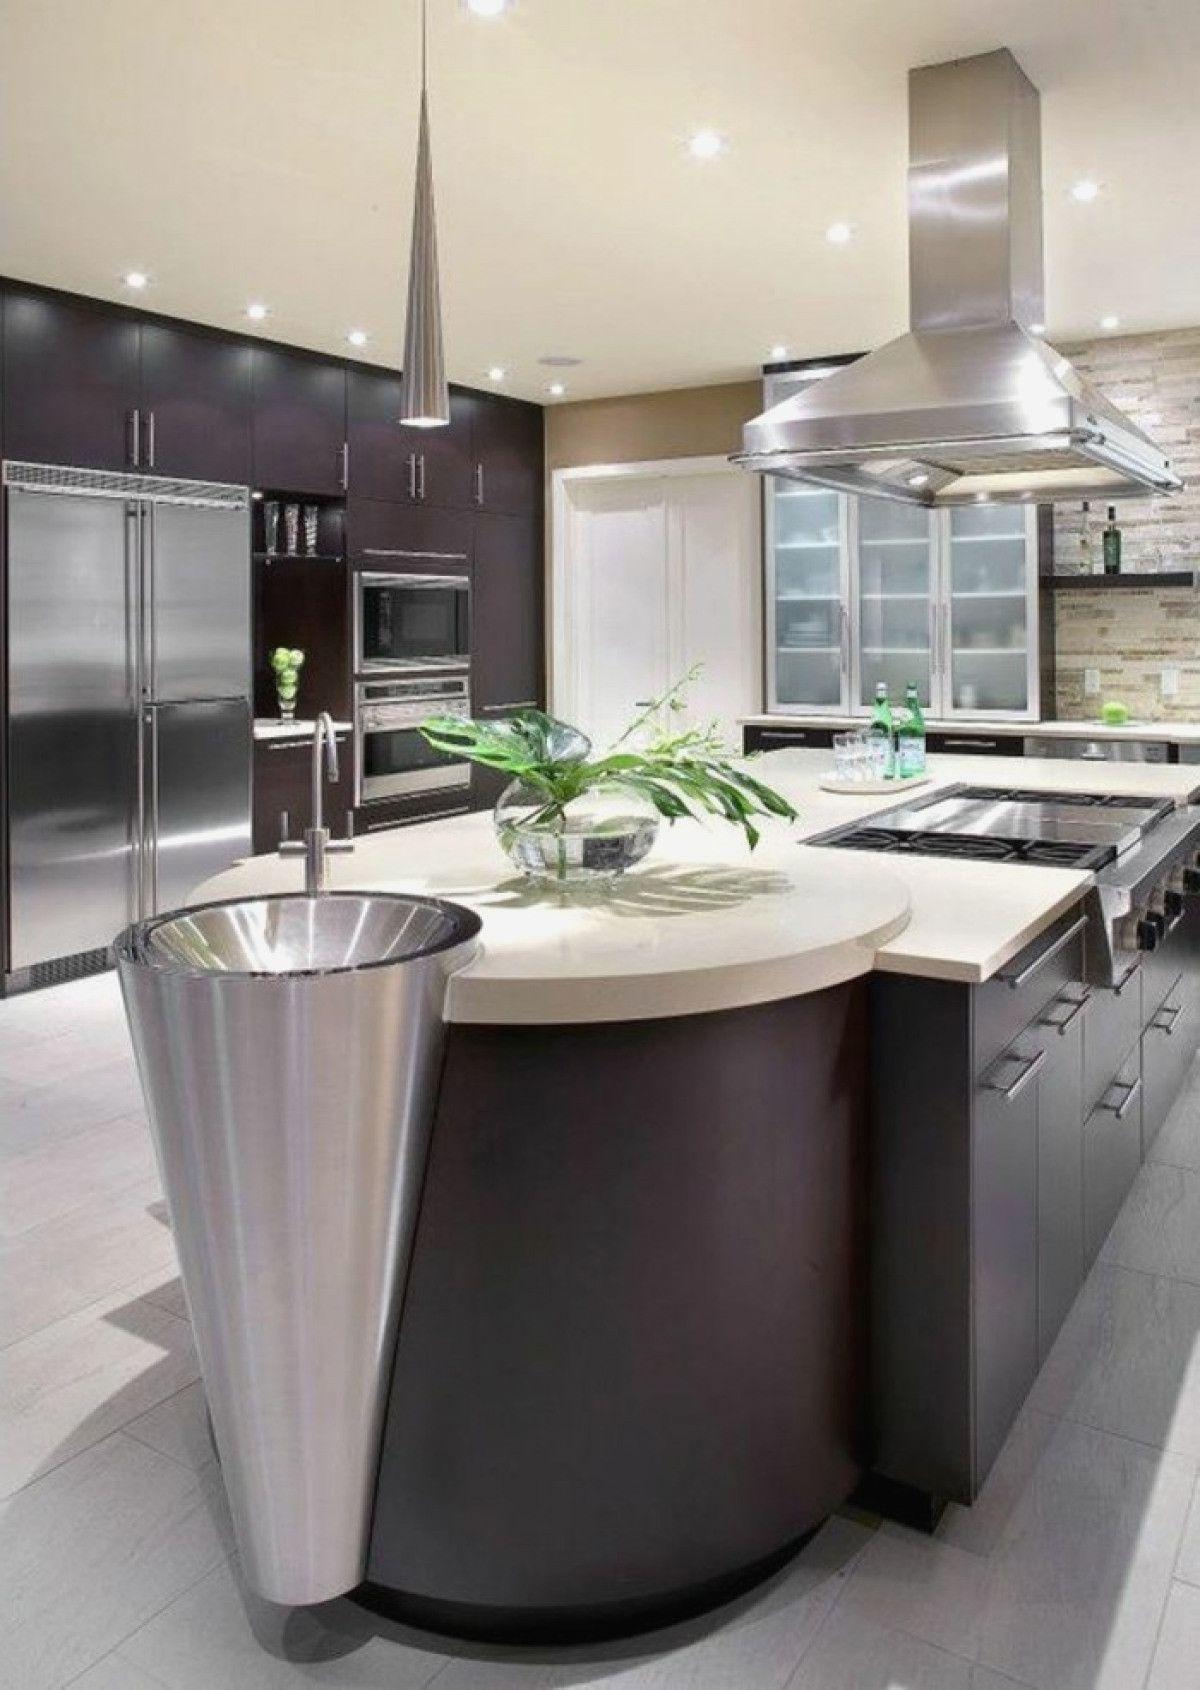 Inspirational Cuisine équipée Rustique  Contemporary kitchen